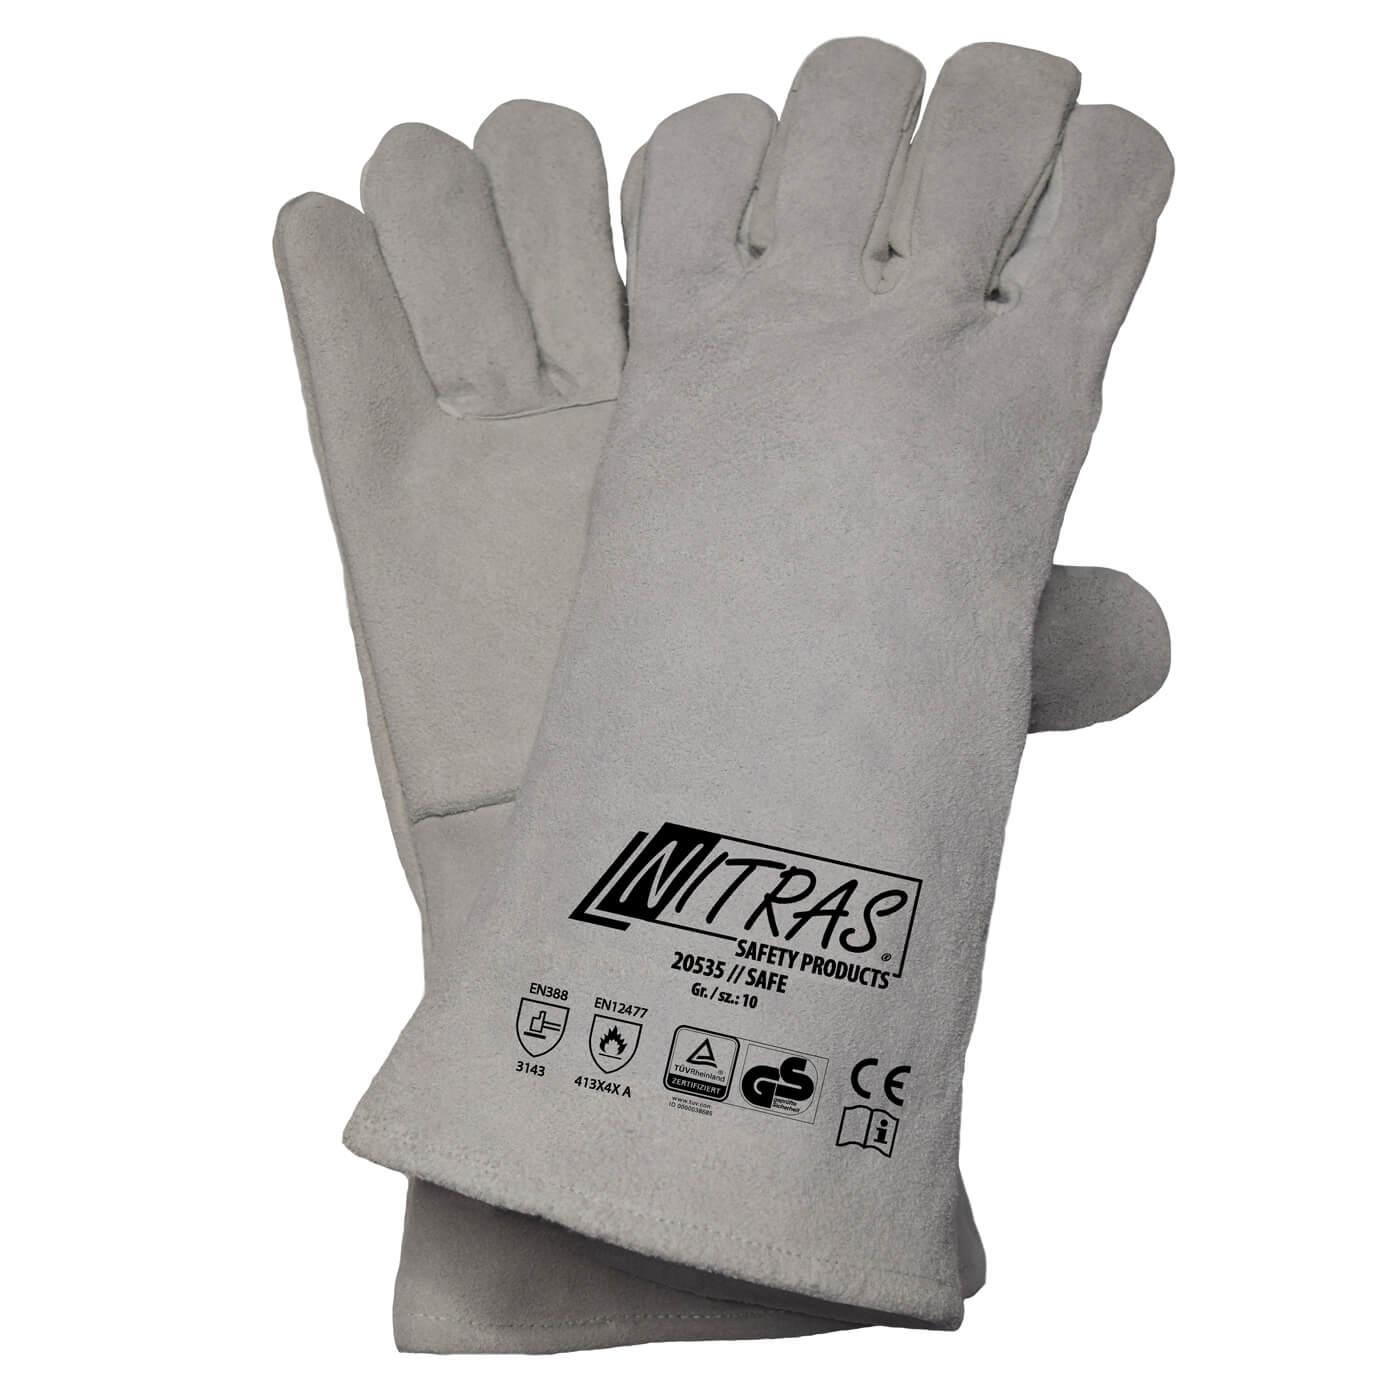 Rękawice spawalnicze Nitras 20535/ SAFE